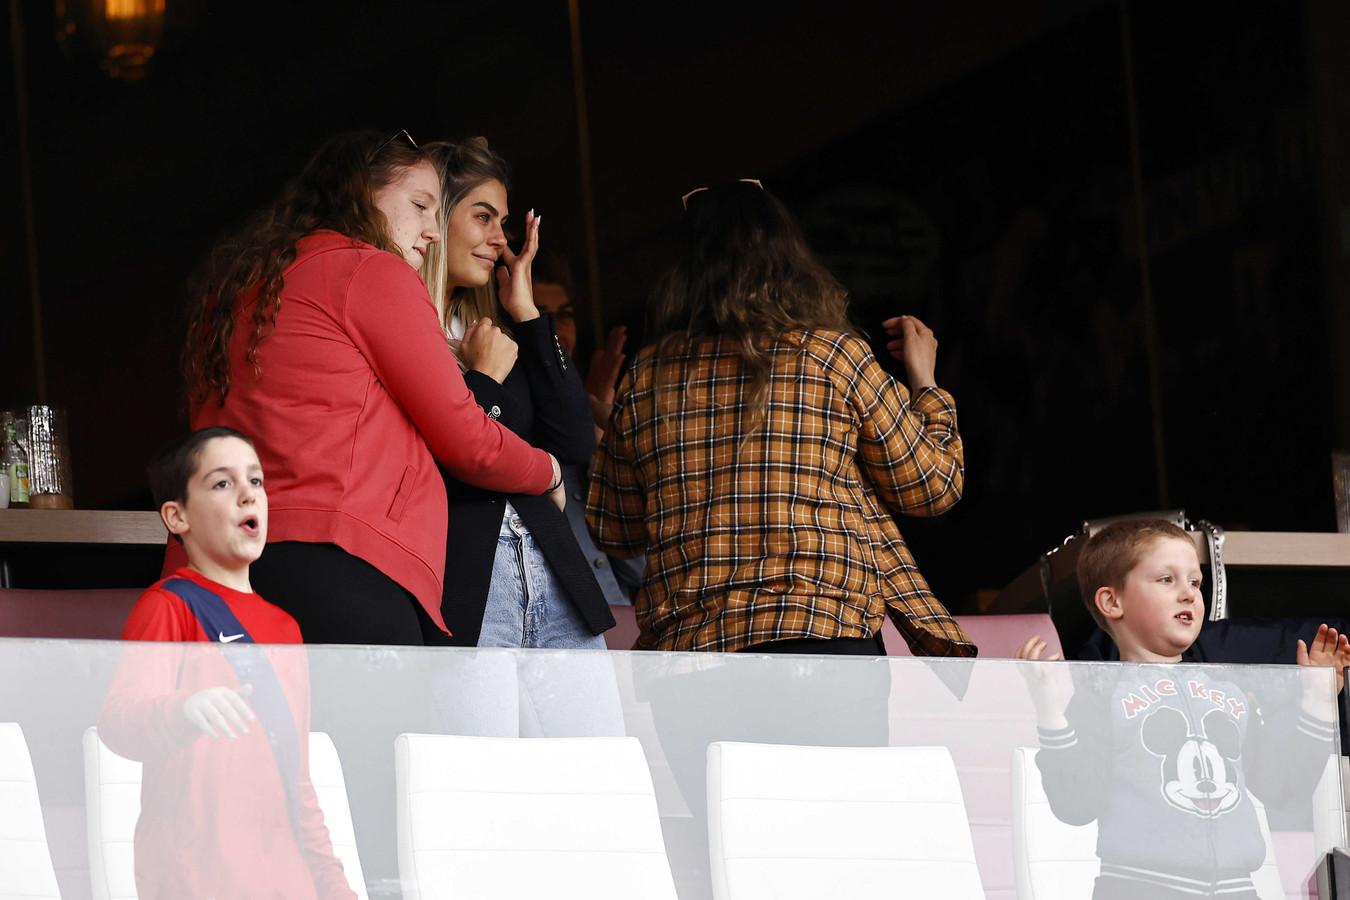 De vrouw van Eran Zahavi keek geëmotioneerd toe nadat de Israëliër PSV op een 4-0 voorsprong schoot.